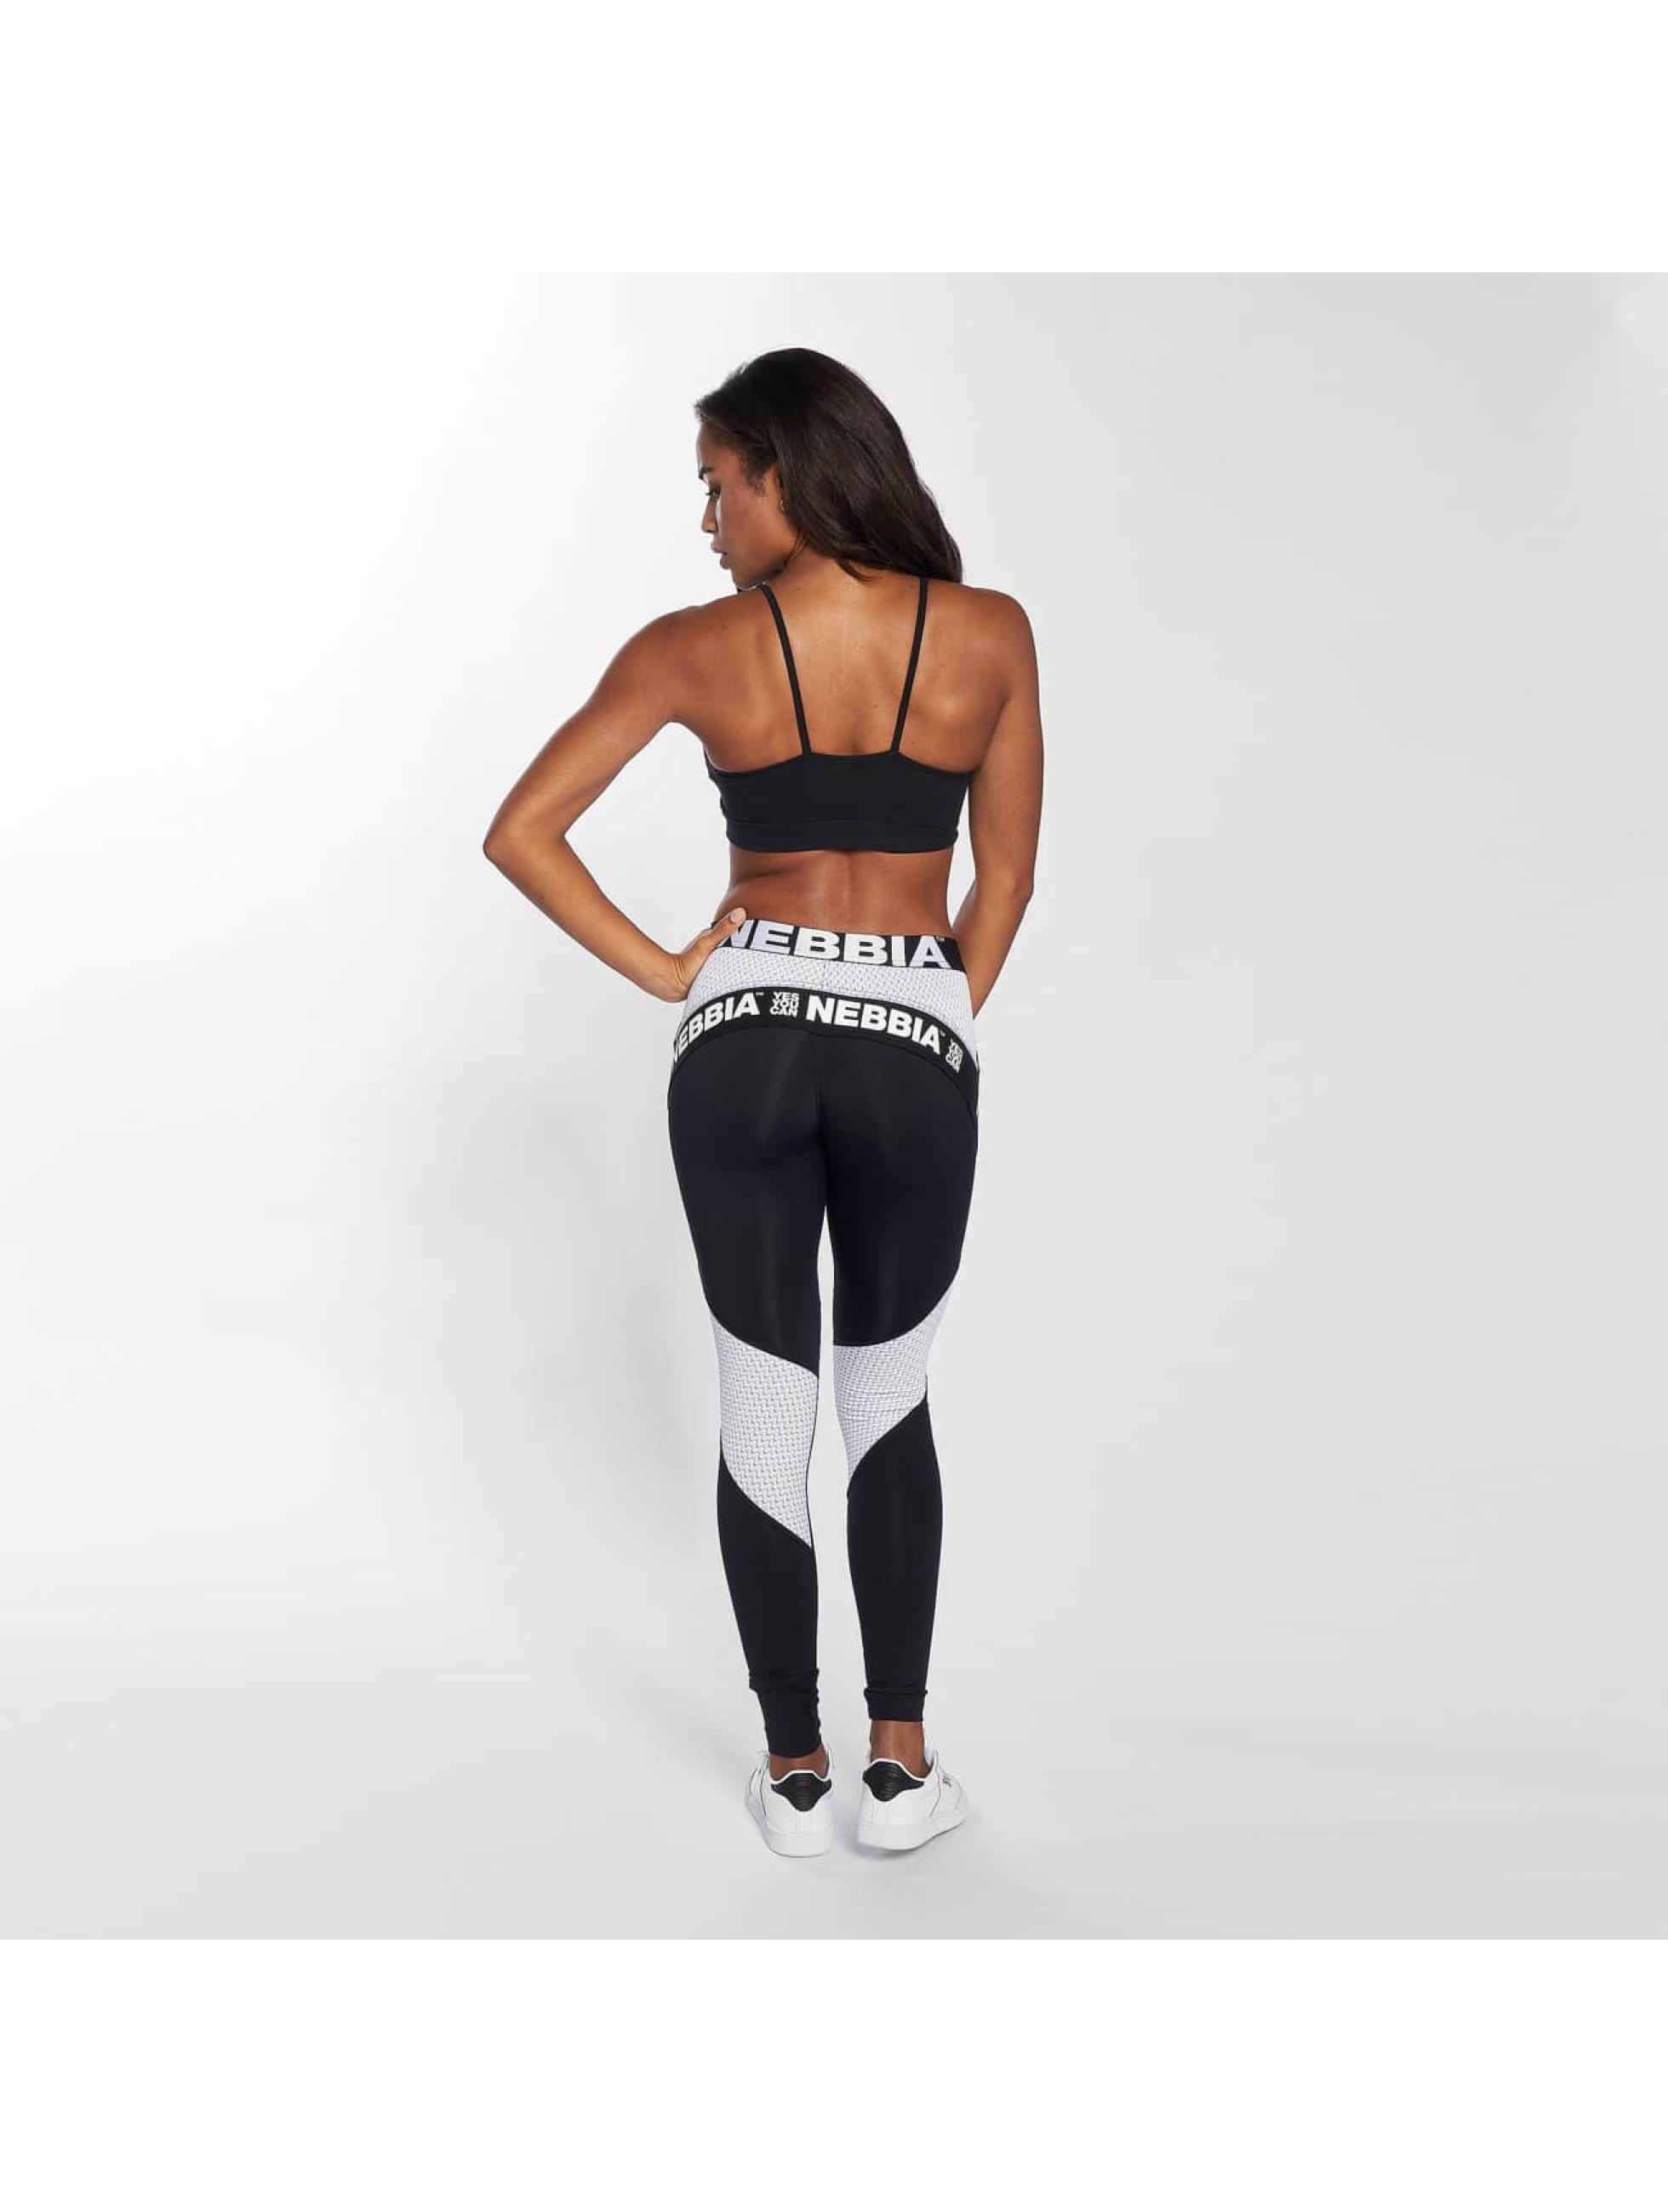 Nebbia Spodní prádlo Logo čern